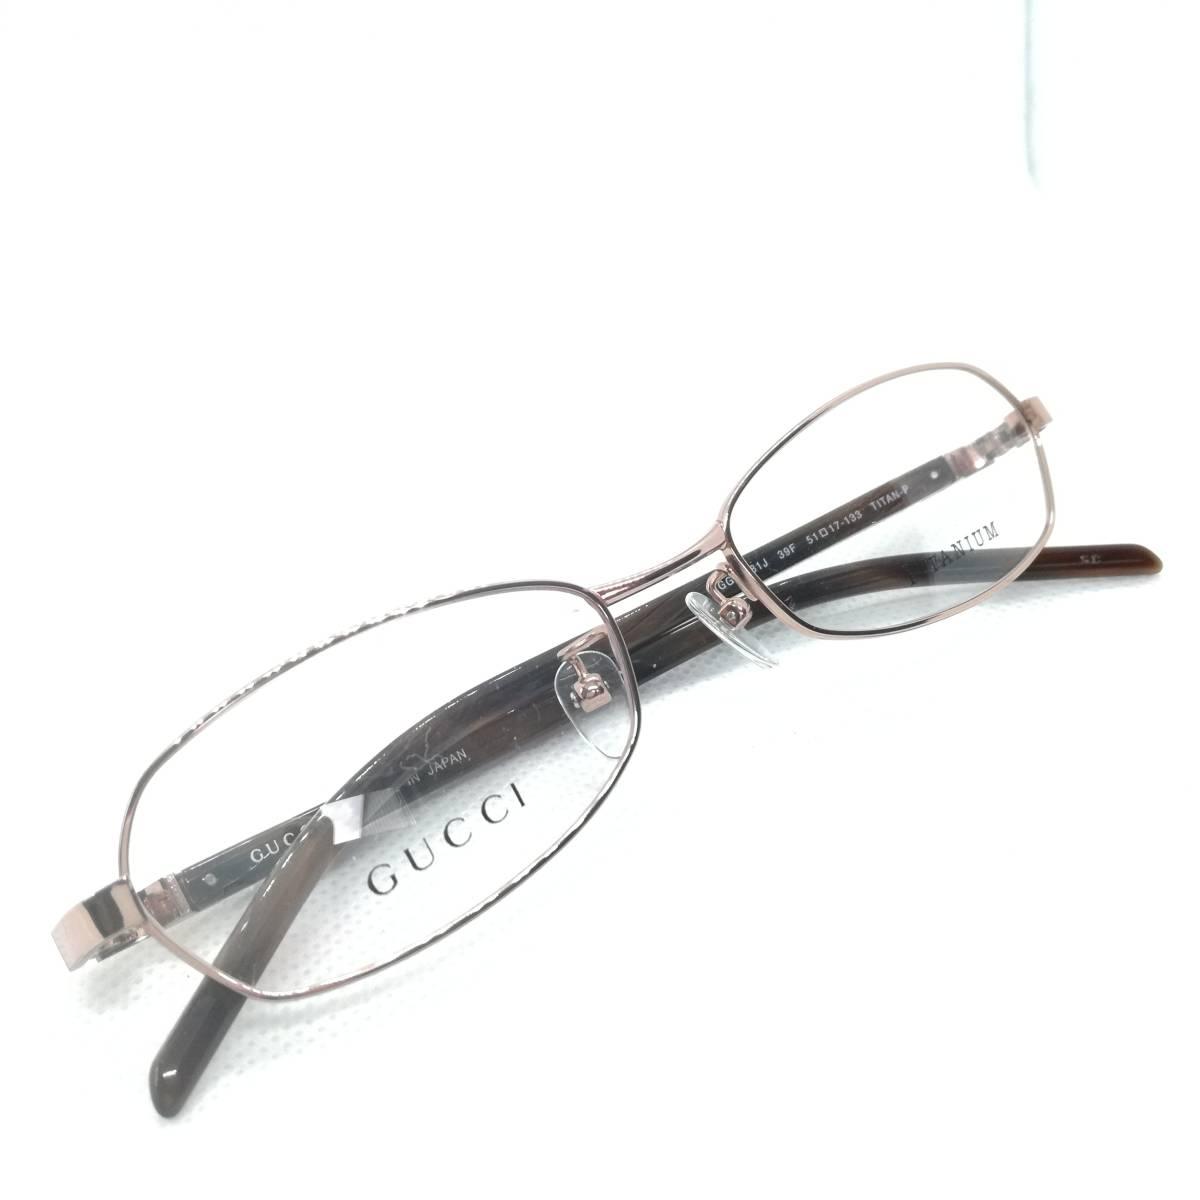 99def8de5959 909 新品 メガネフレーム 眼鏡 めがね 日本製 made in japan チタン 茶色 ブラウン GUCCI グッチ